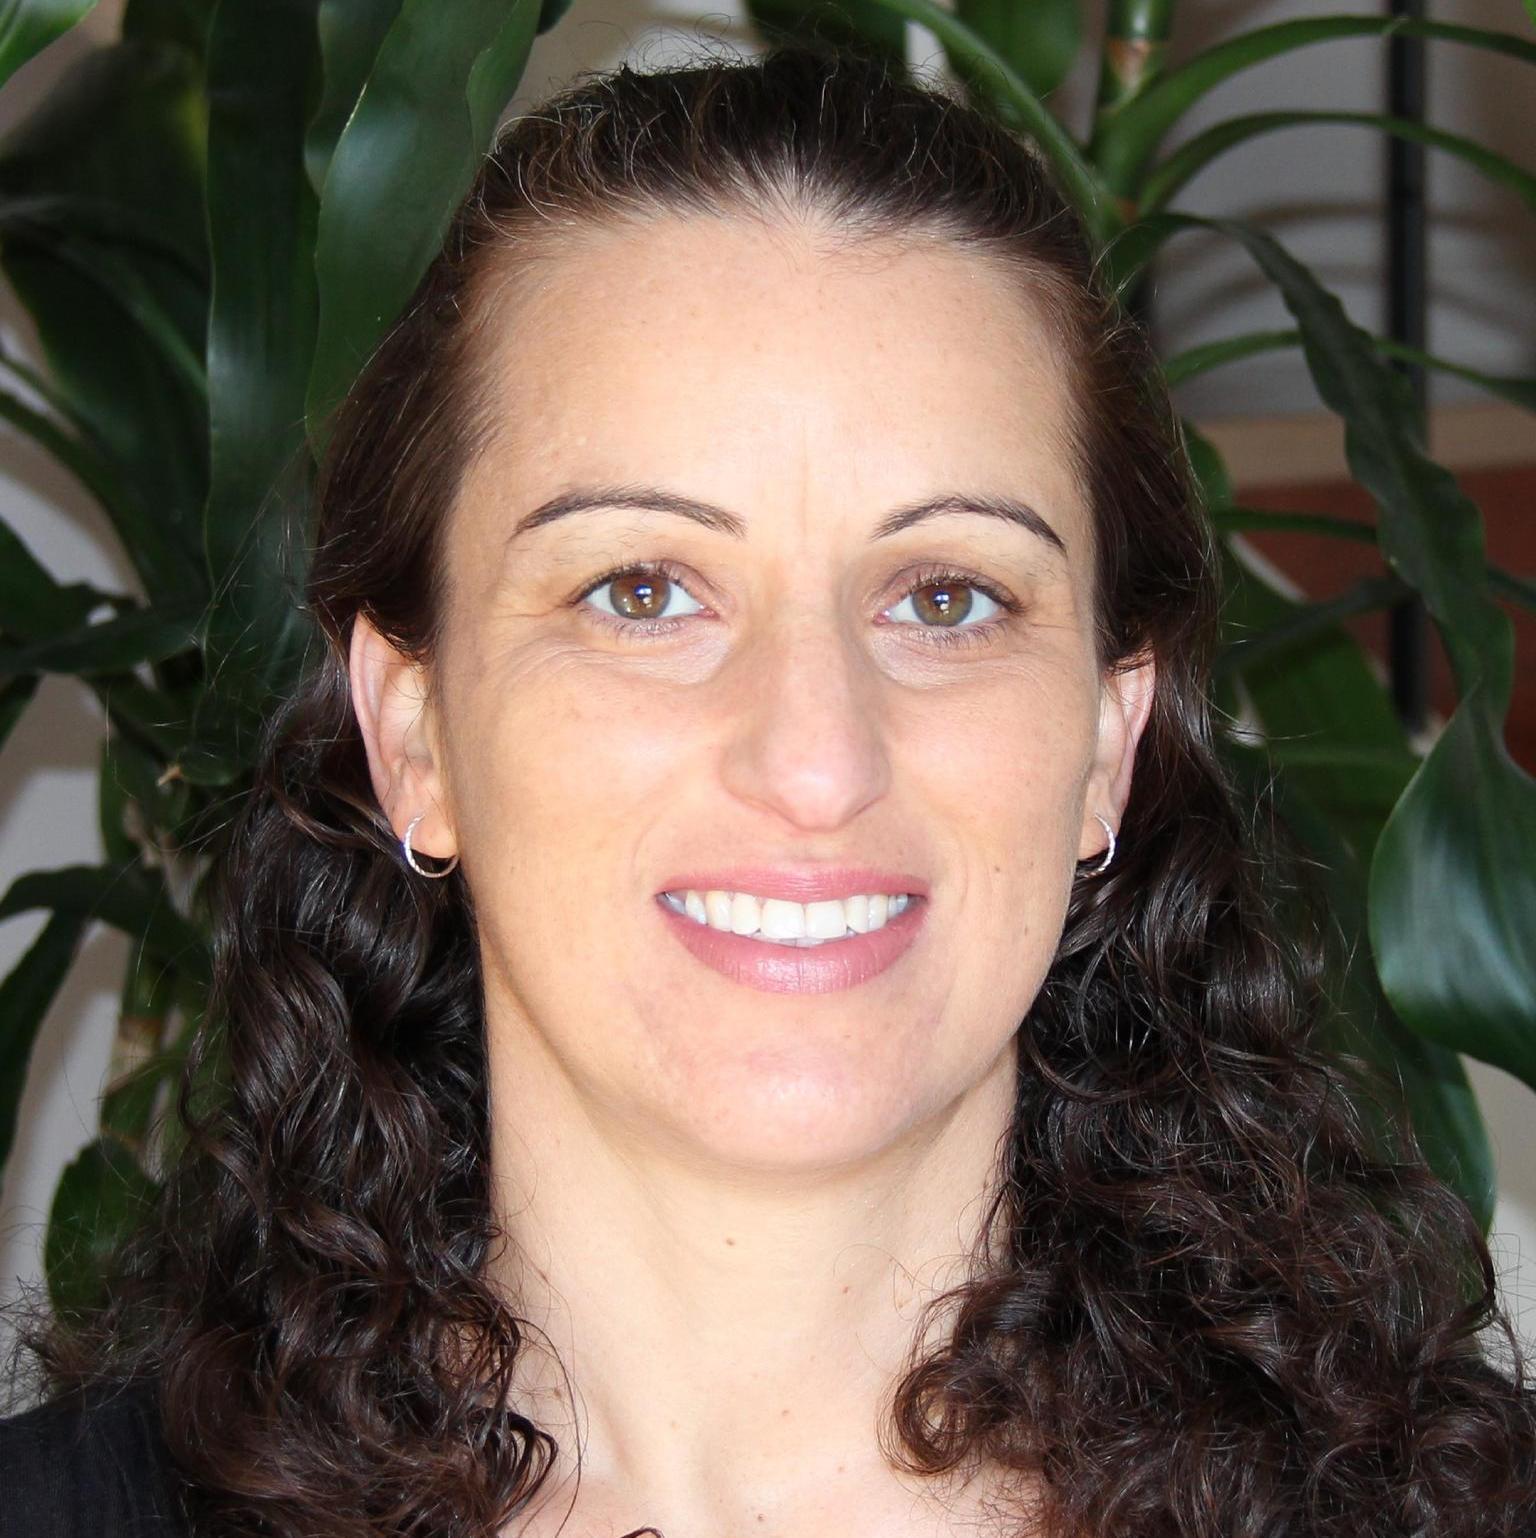 Leanne Xerri